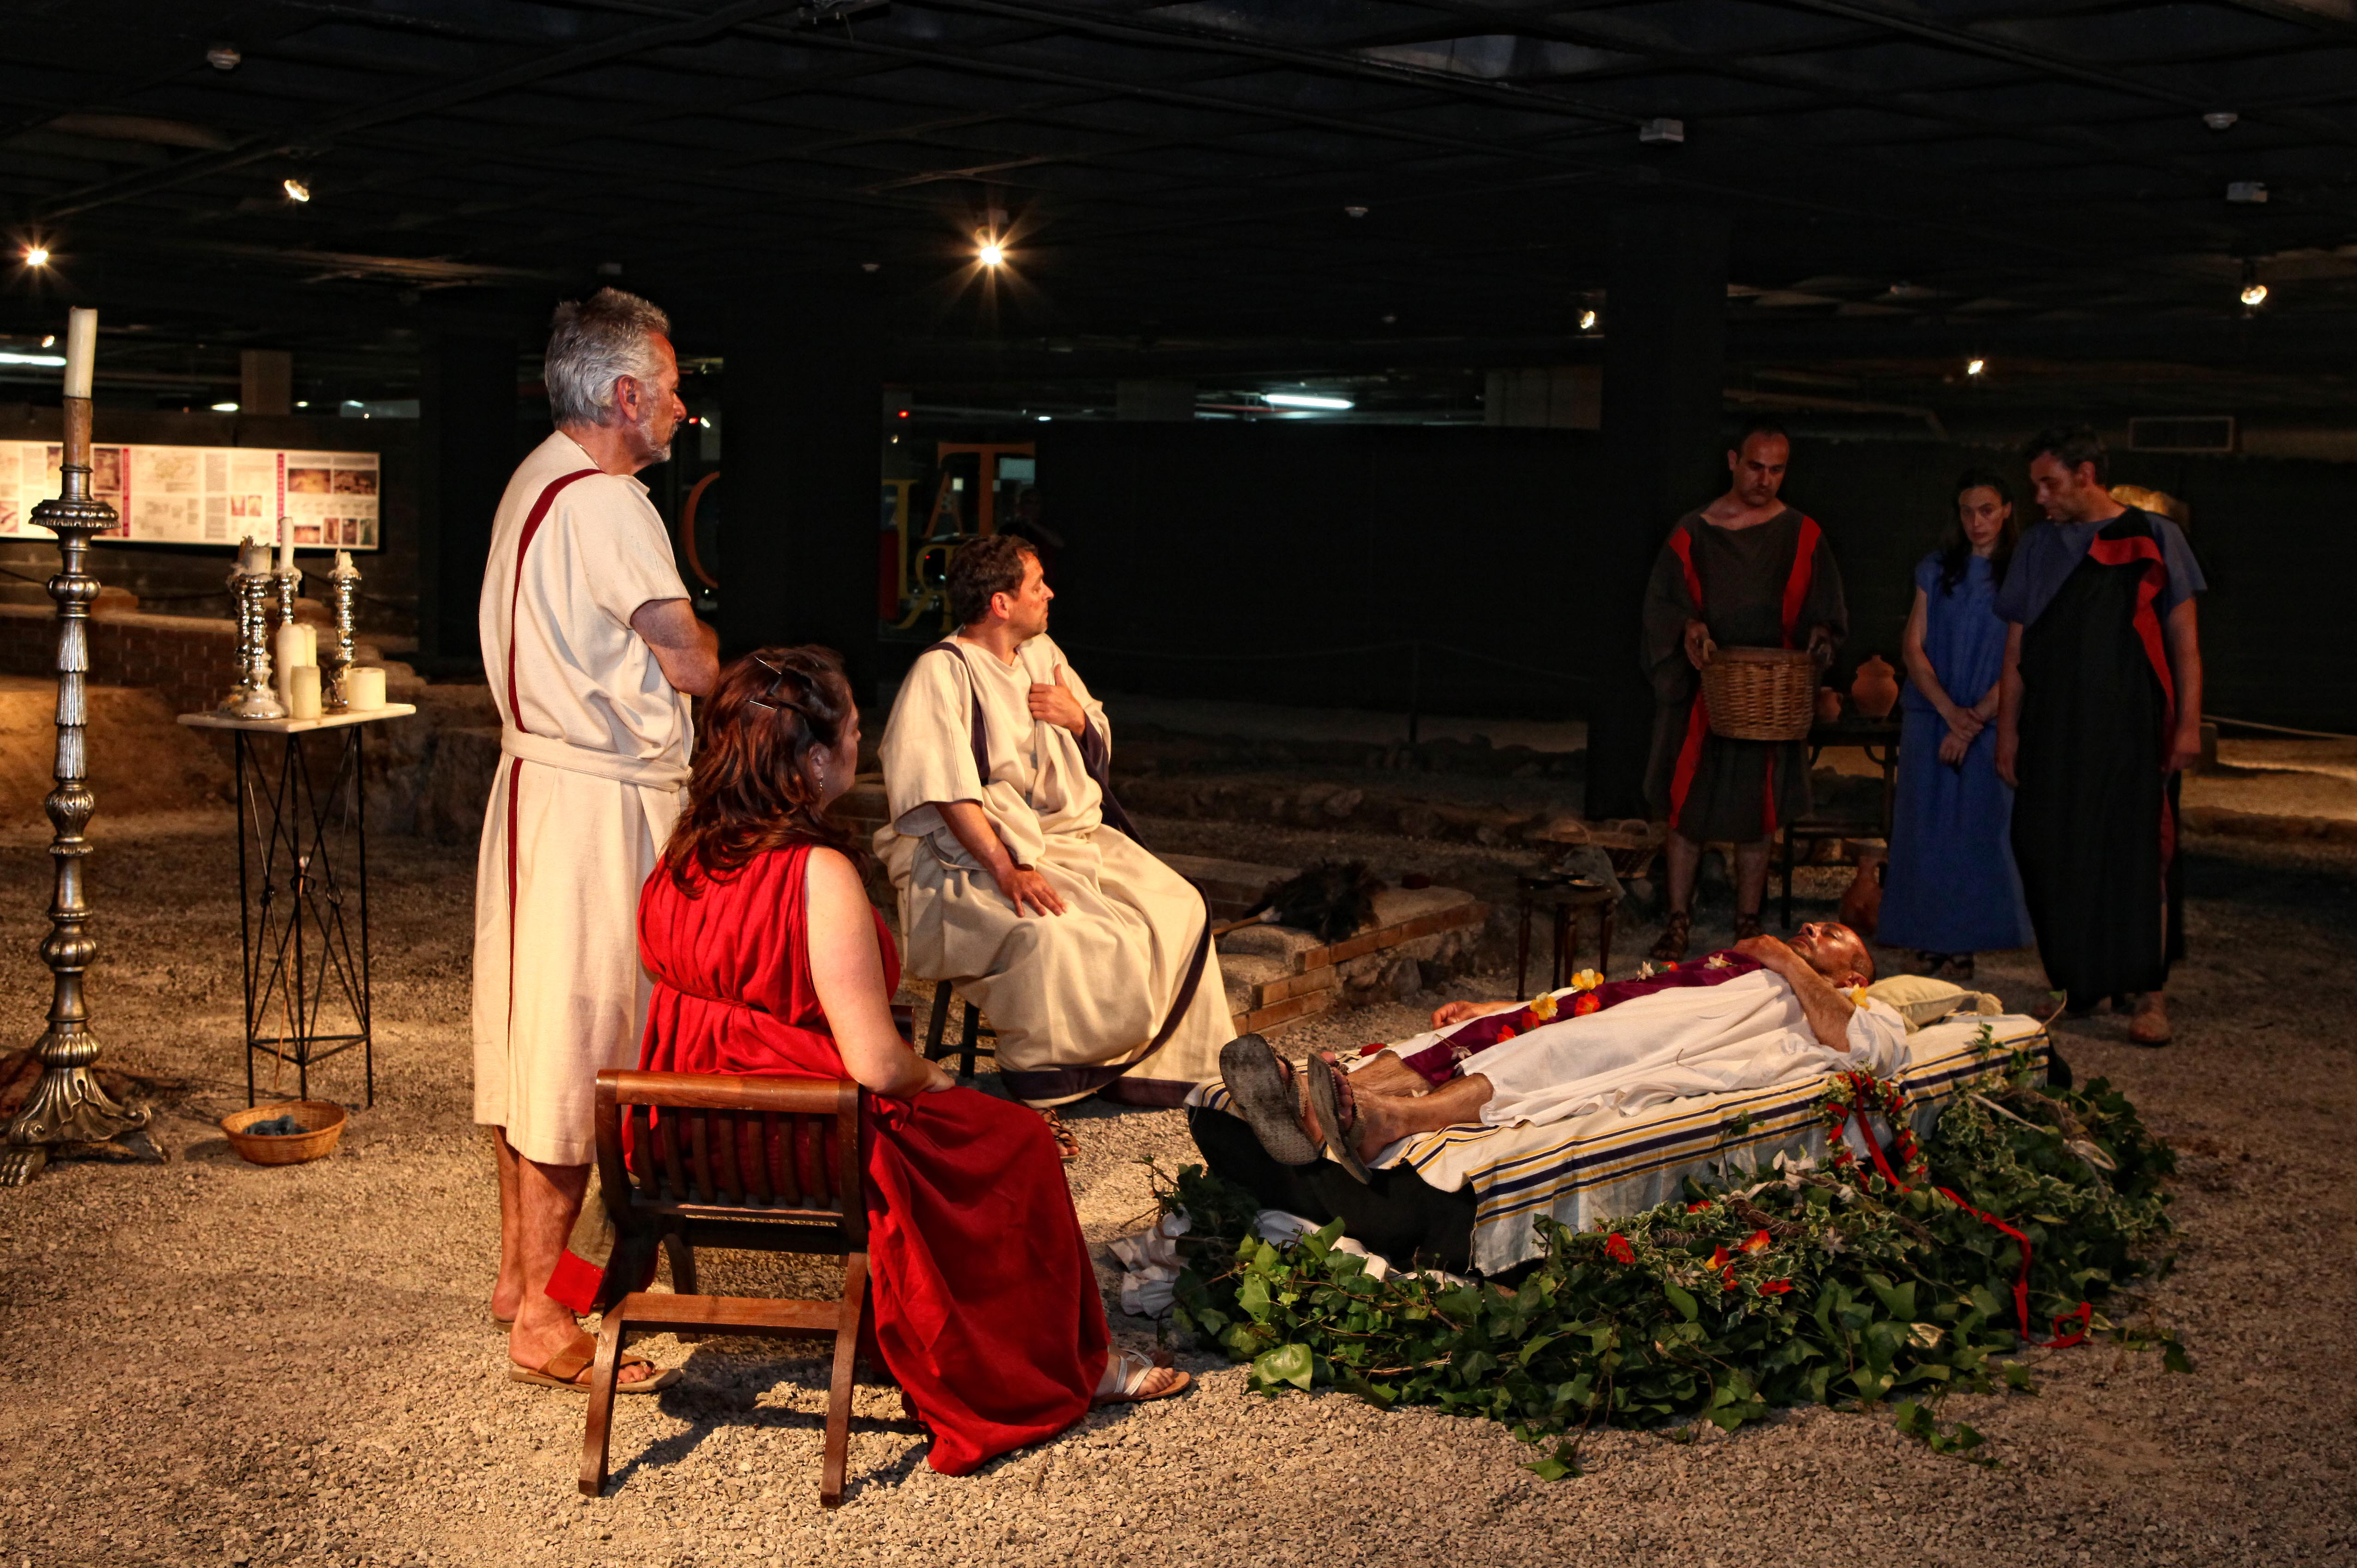 En aquests darrers anys Nemesis ha organitzat múltiples propostes per Tarraco Viva, com la recreació d'un enterrament. Foto: Manel R. Granell, Tarraco Viva